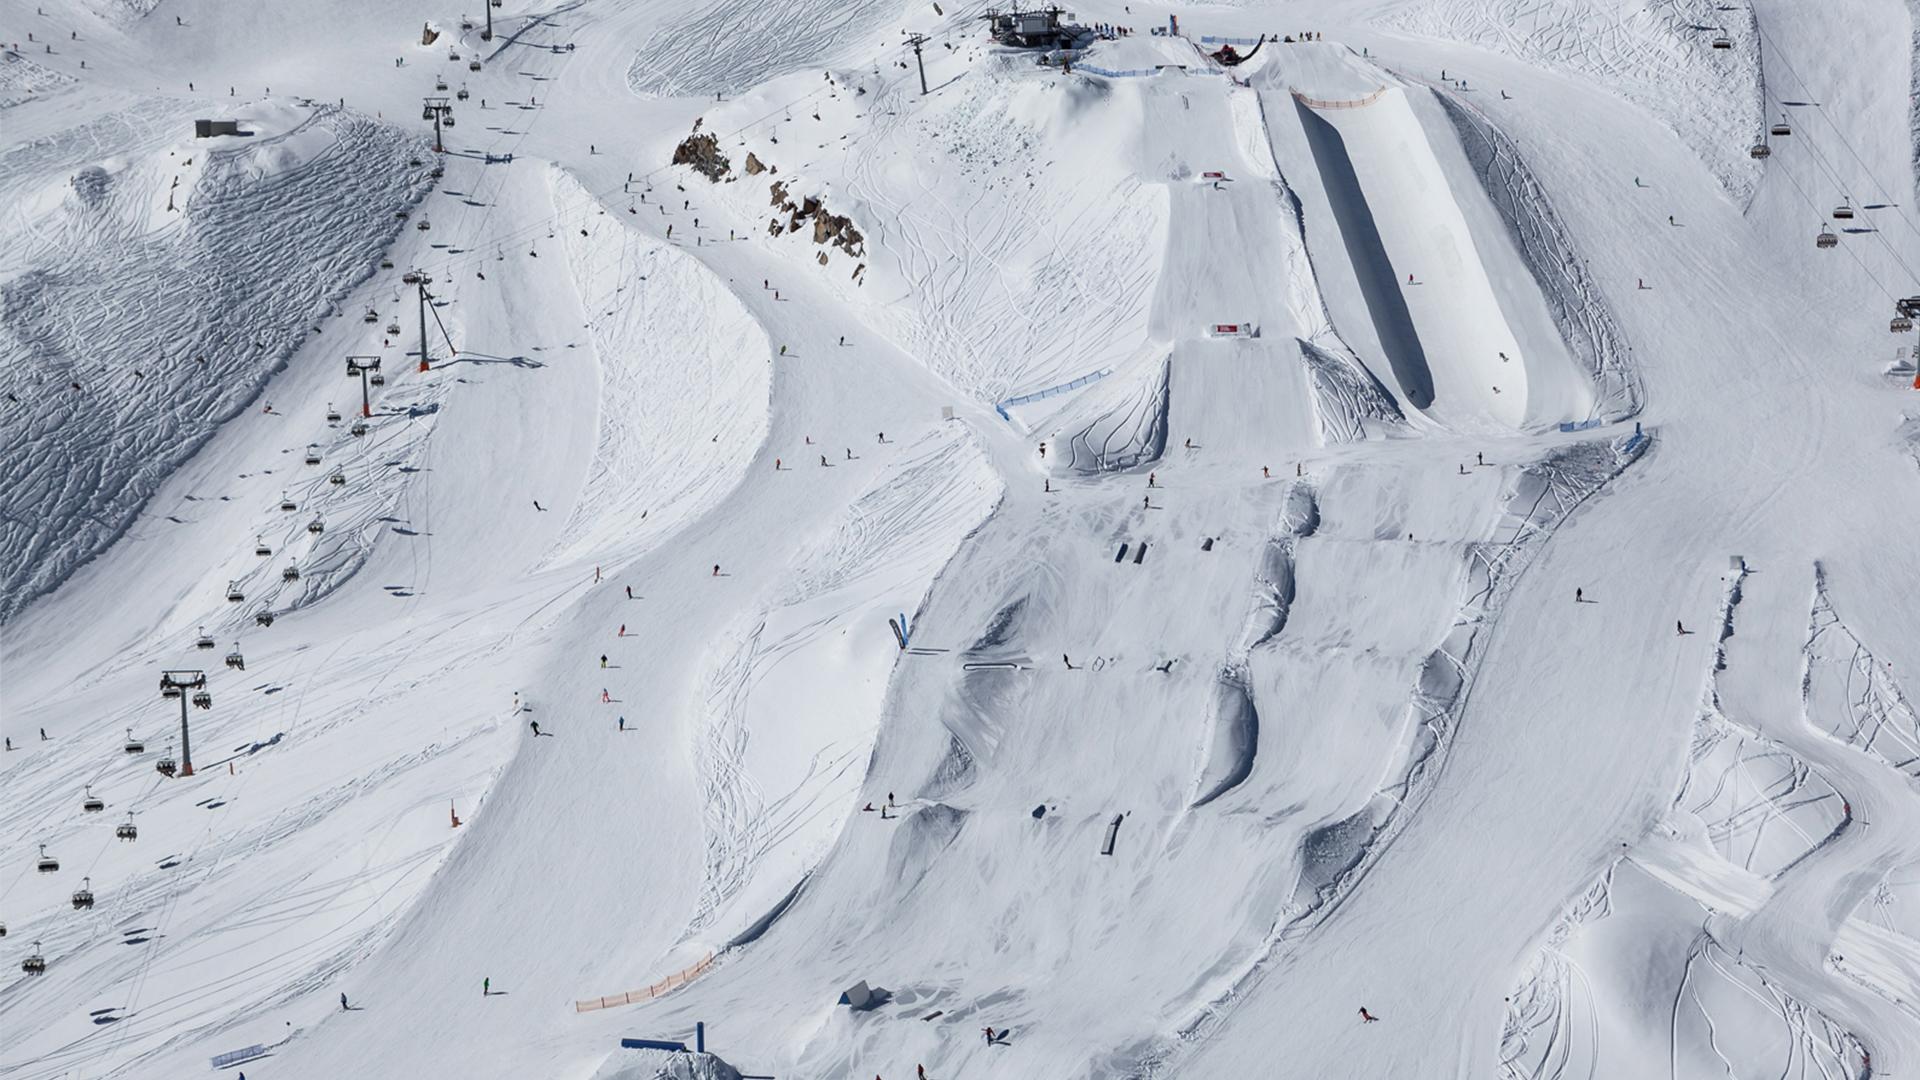 Snowpark Kitzsteinhorn, Austria